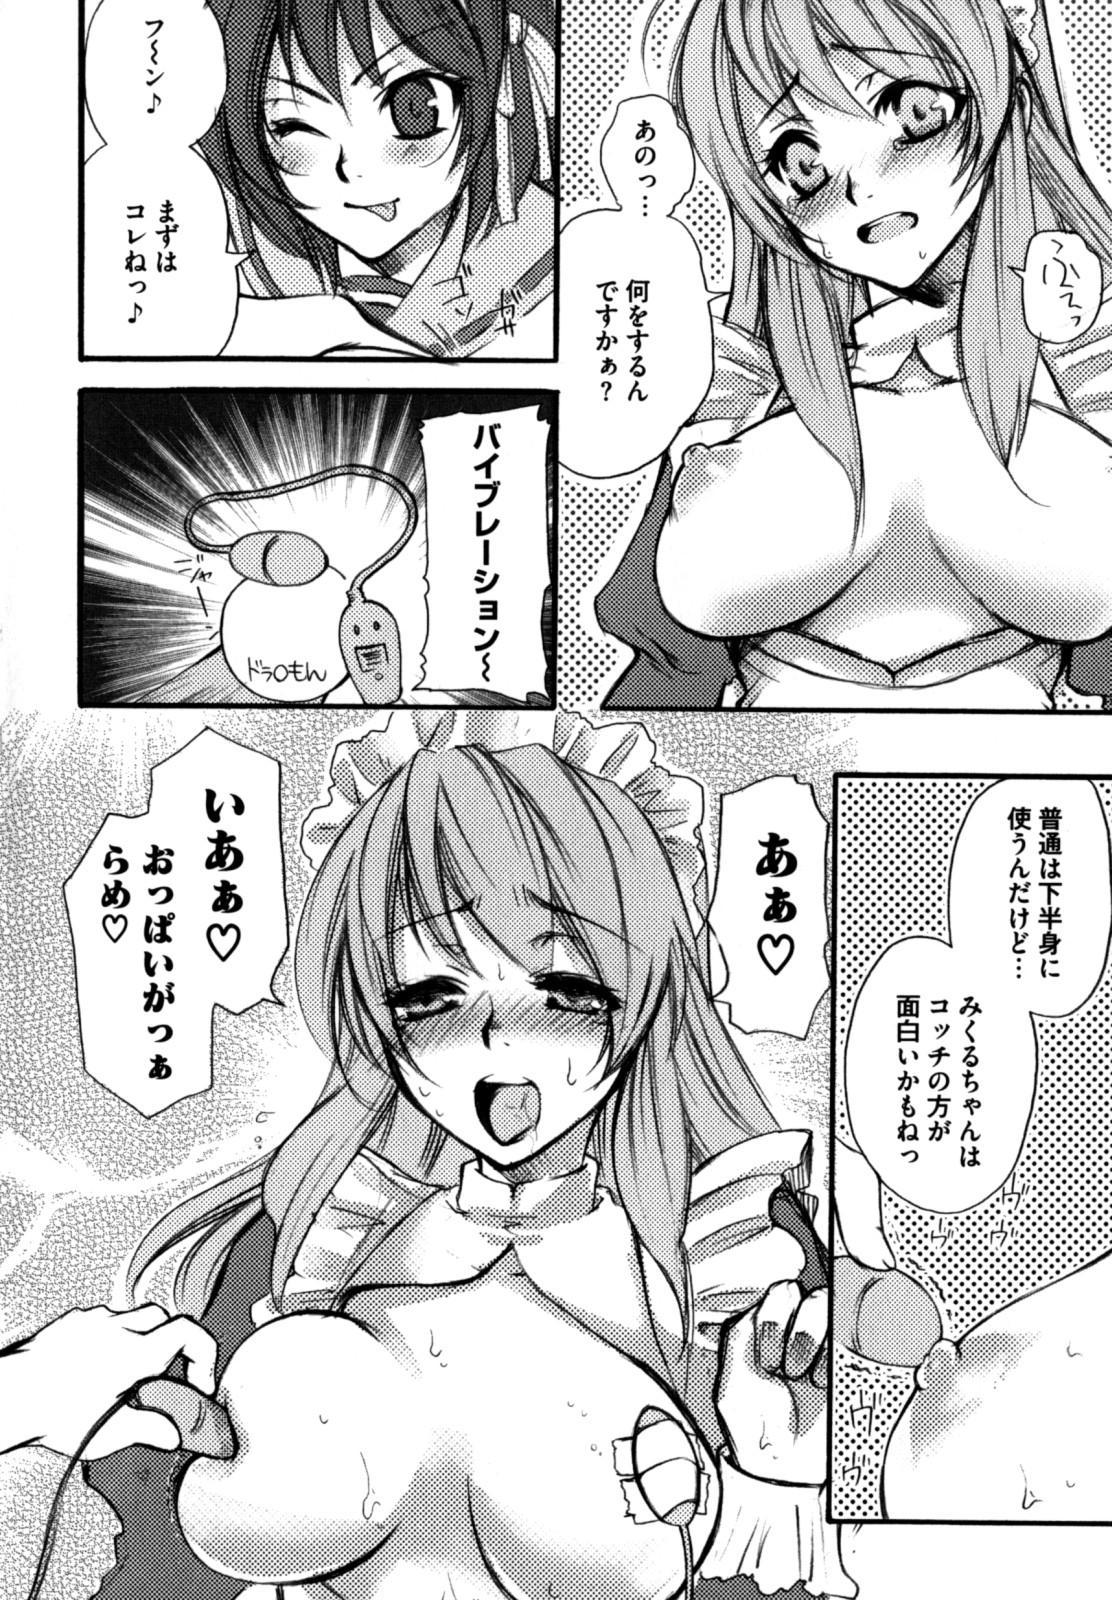 Shikijou no Erosu 59